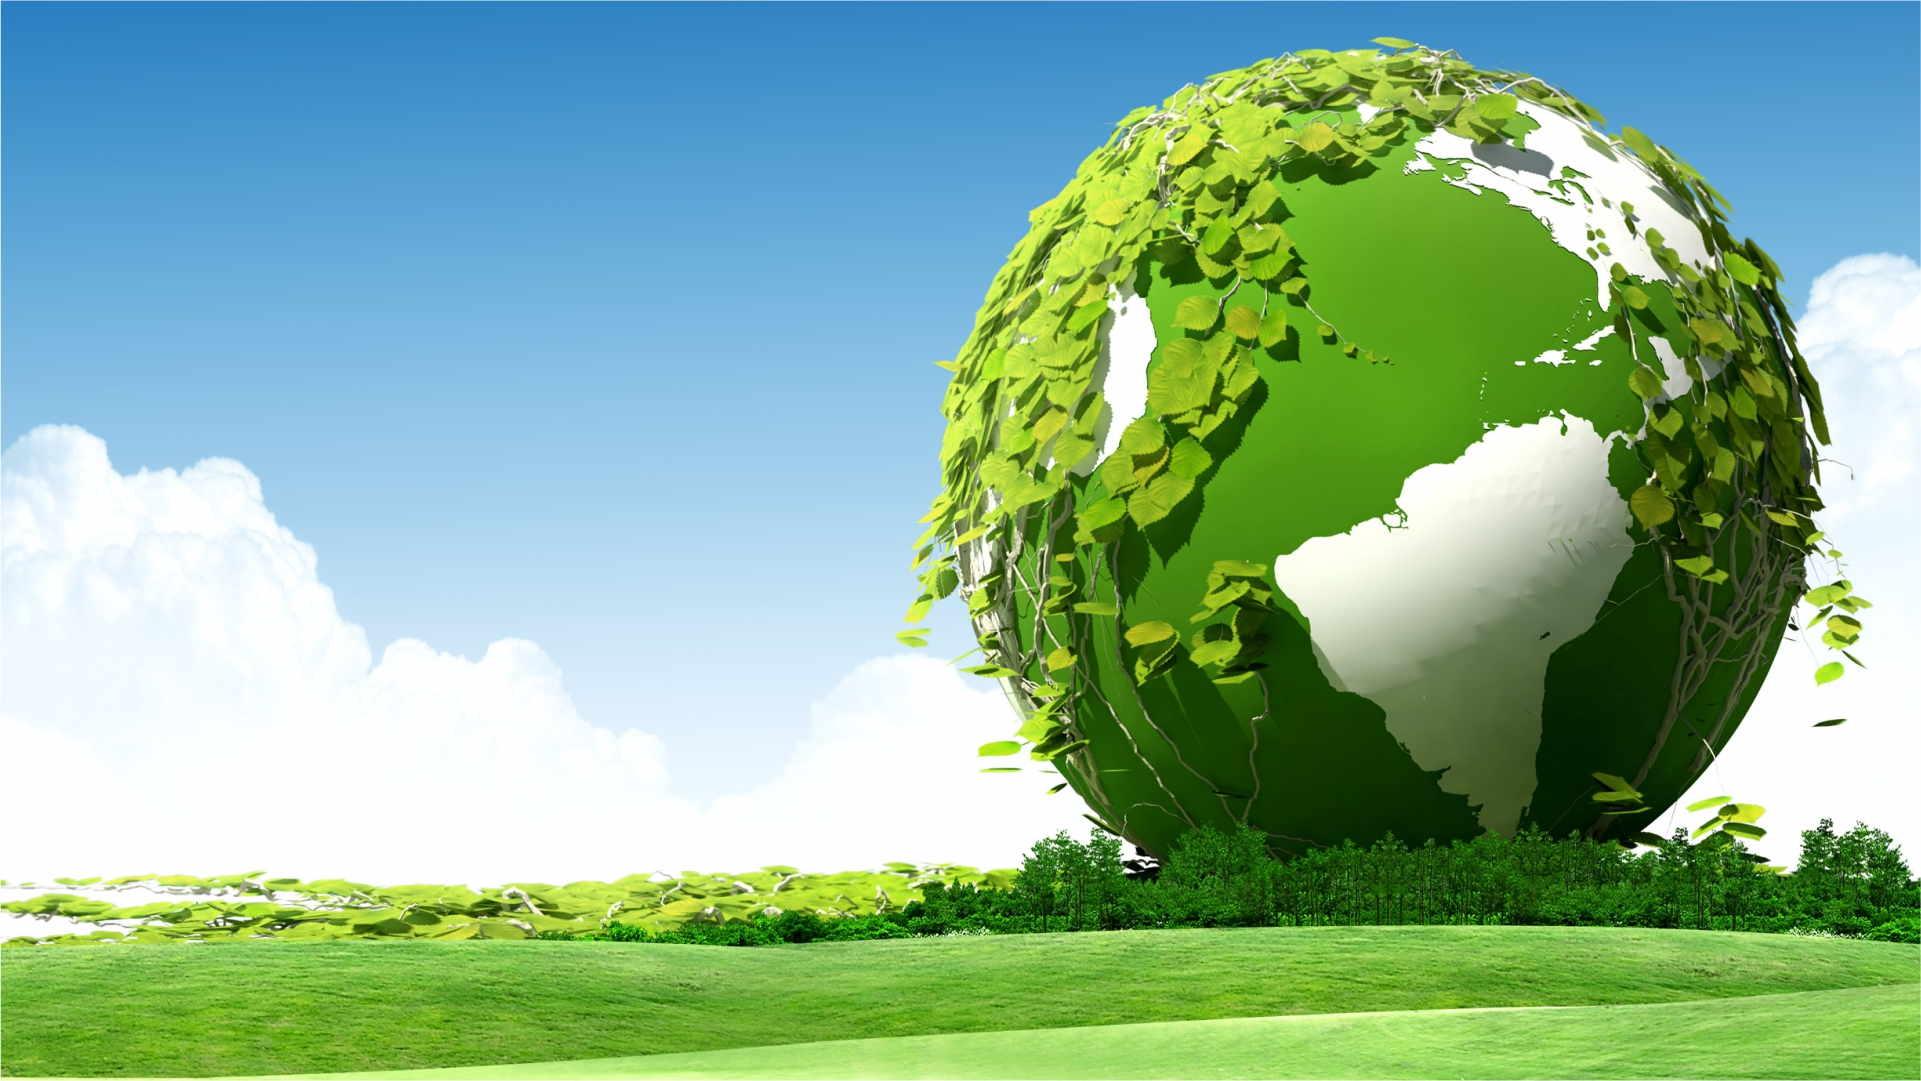 国开行设立5000亿元专项贷款 助力构建清洁能源体系.jpg